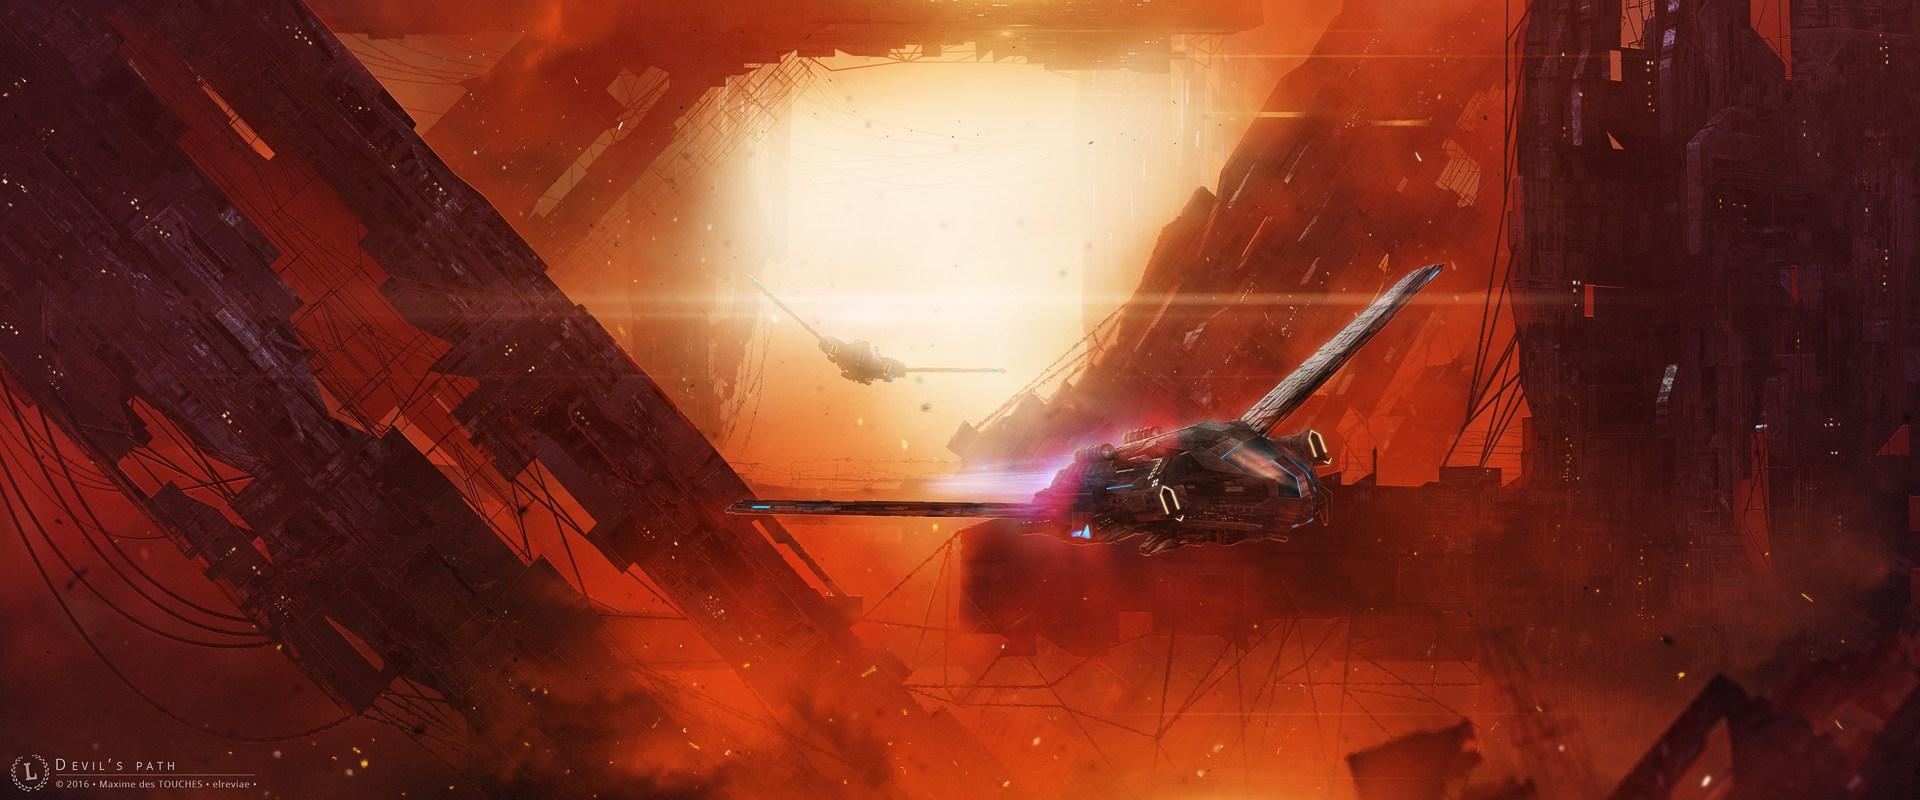 Devils Path spaceship concept Art Science fiction artworks